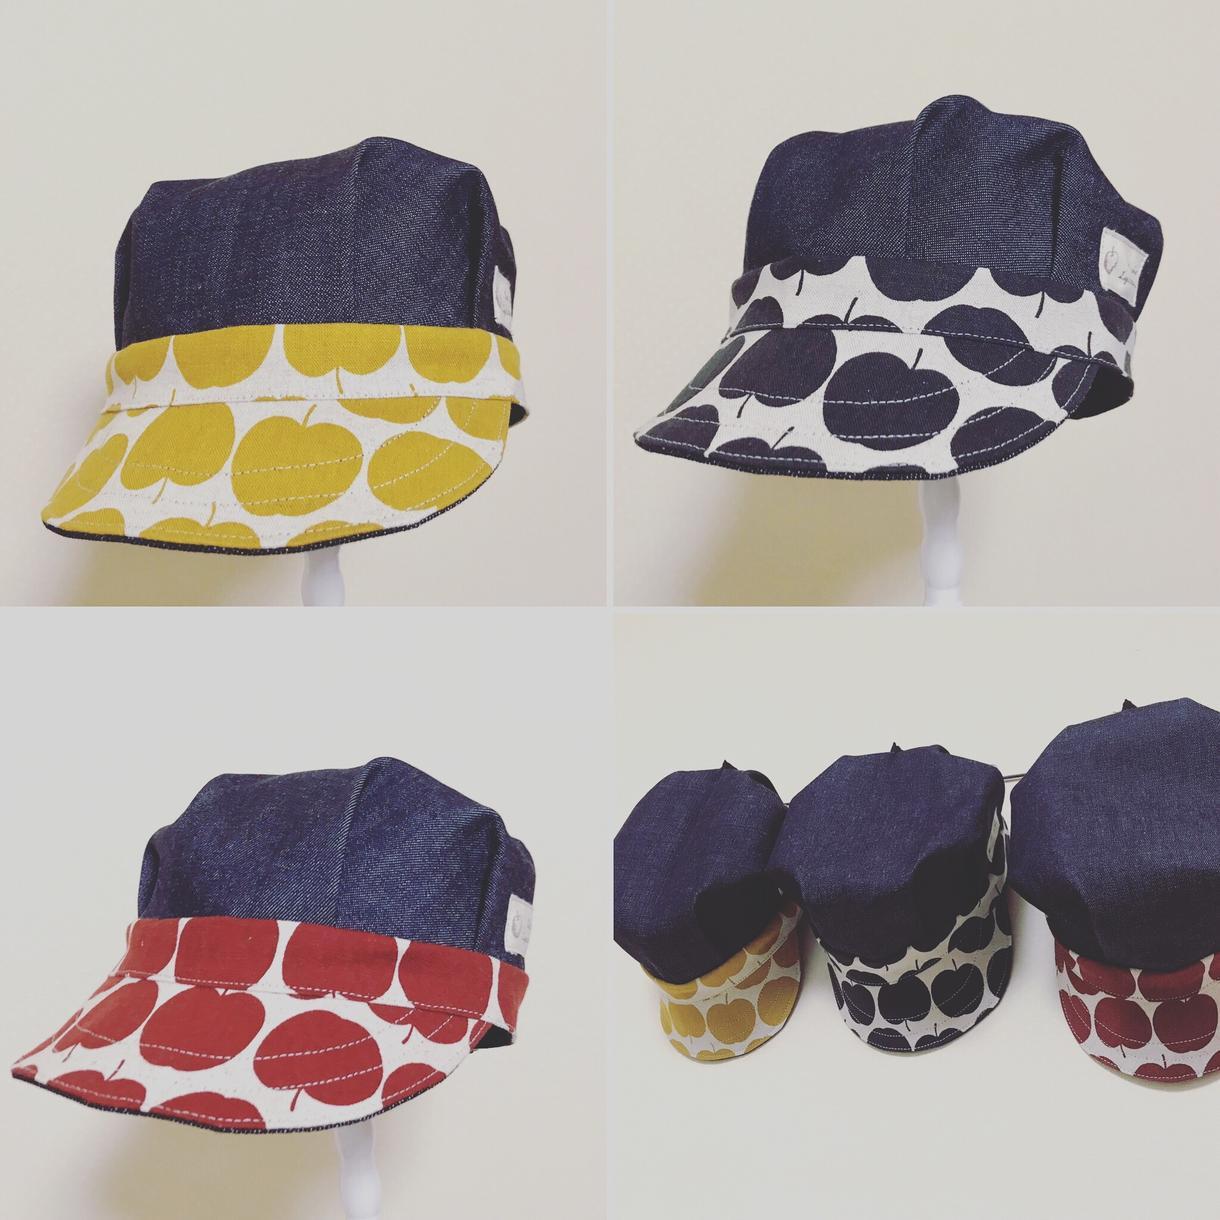 お好きな生地で帽子を作ります お好きな生地の柄でワークキャップを作ります。子供〜大人まで。